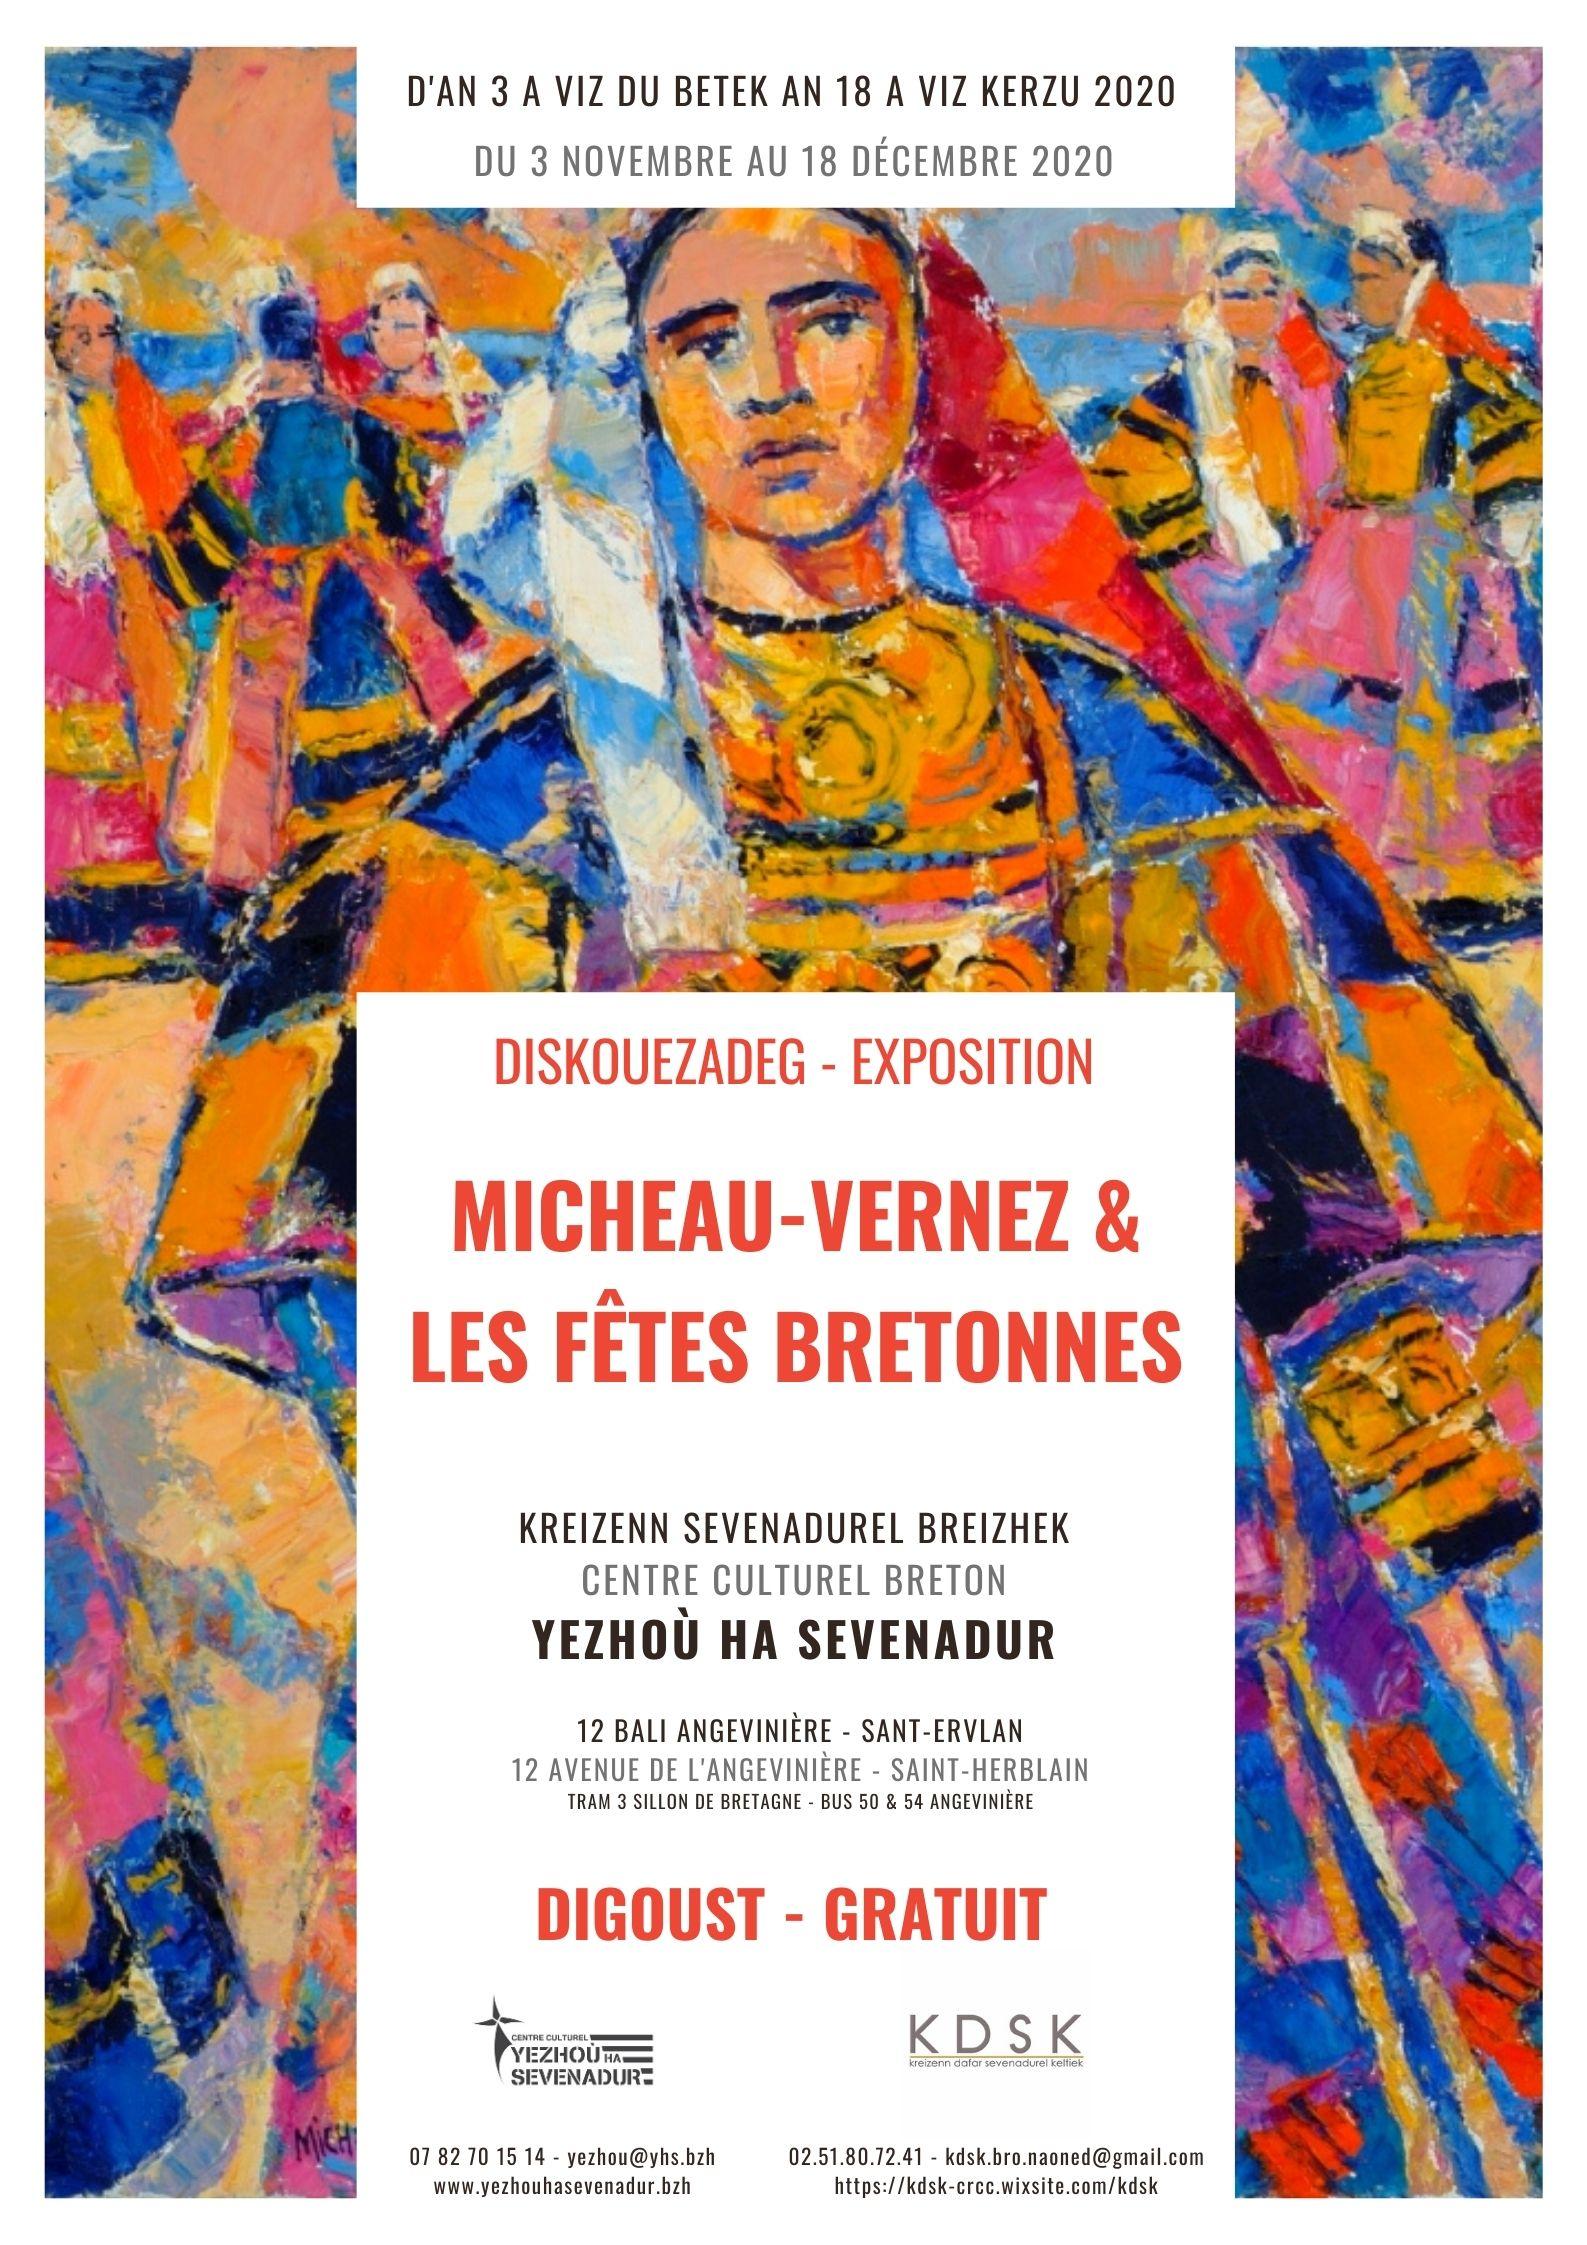 Micheau-Vernez et les fêtes bretonnes